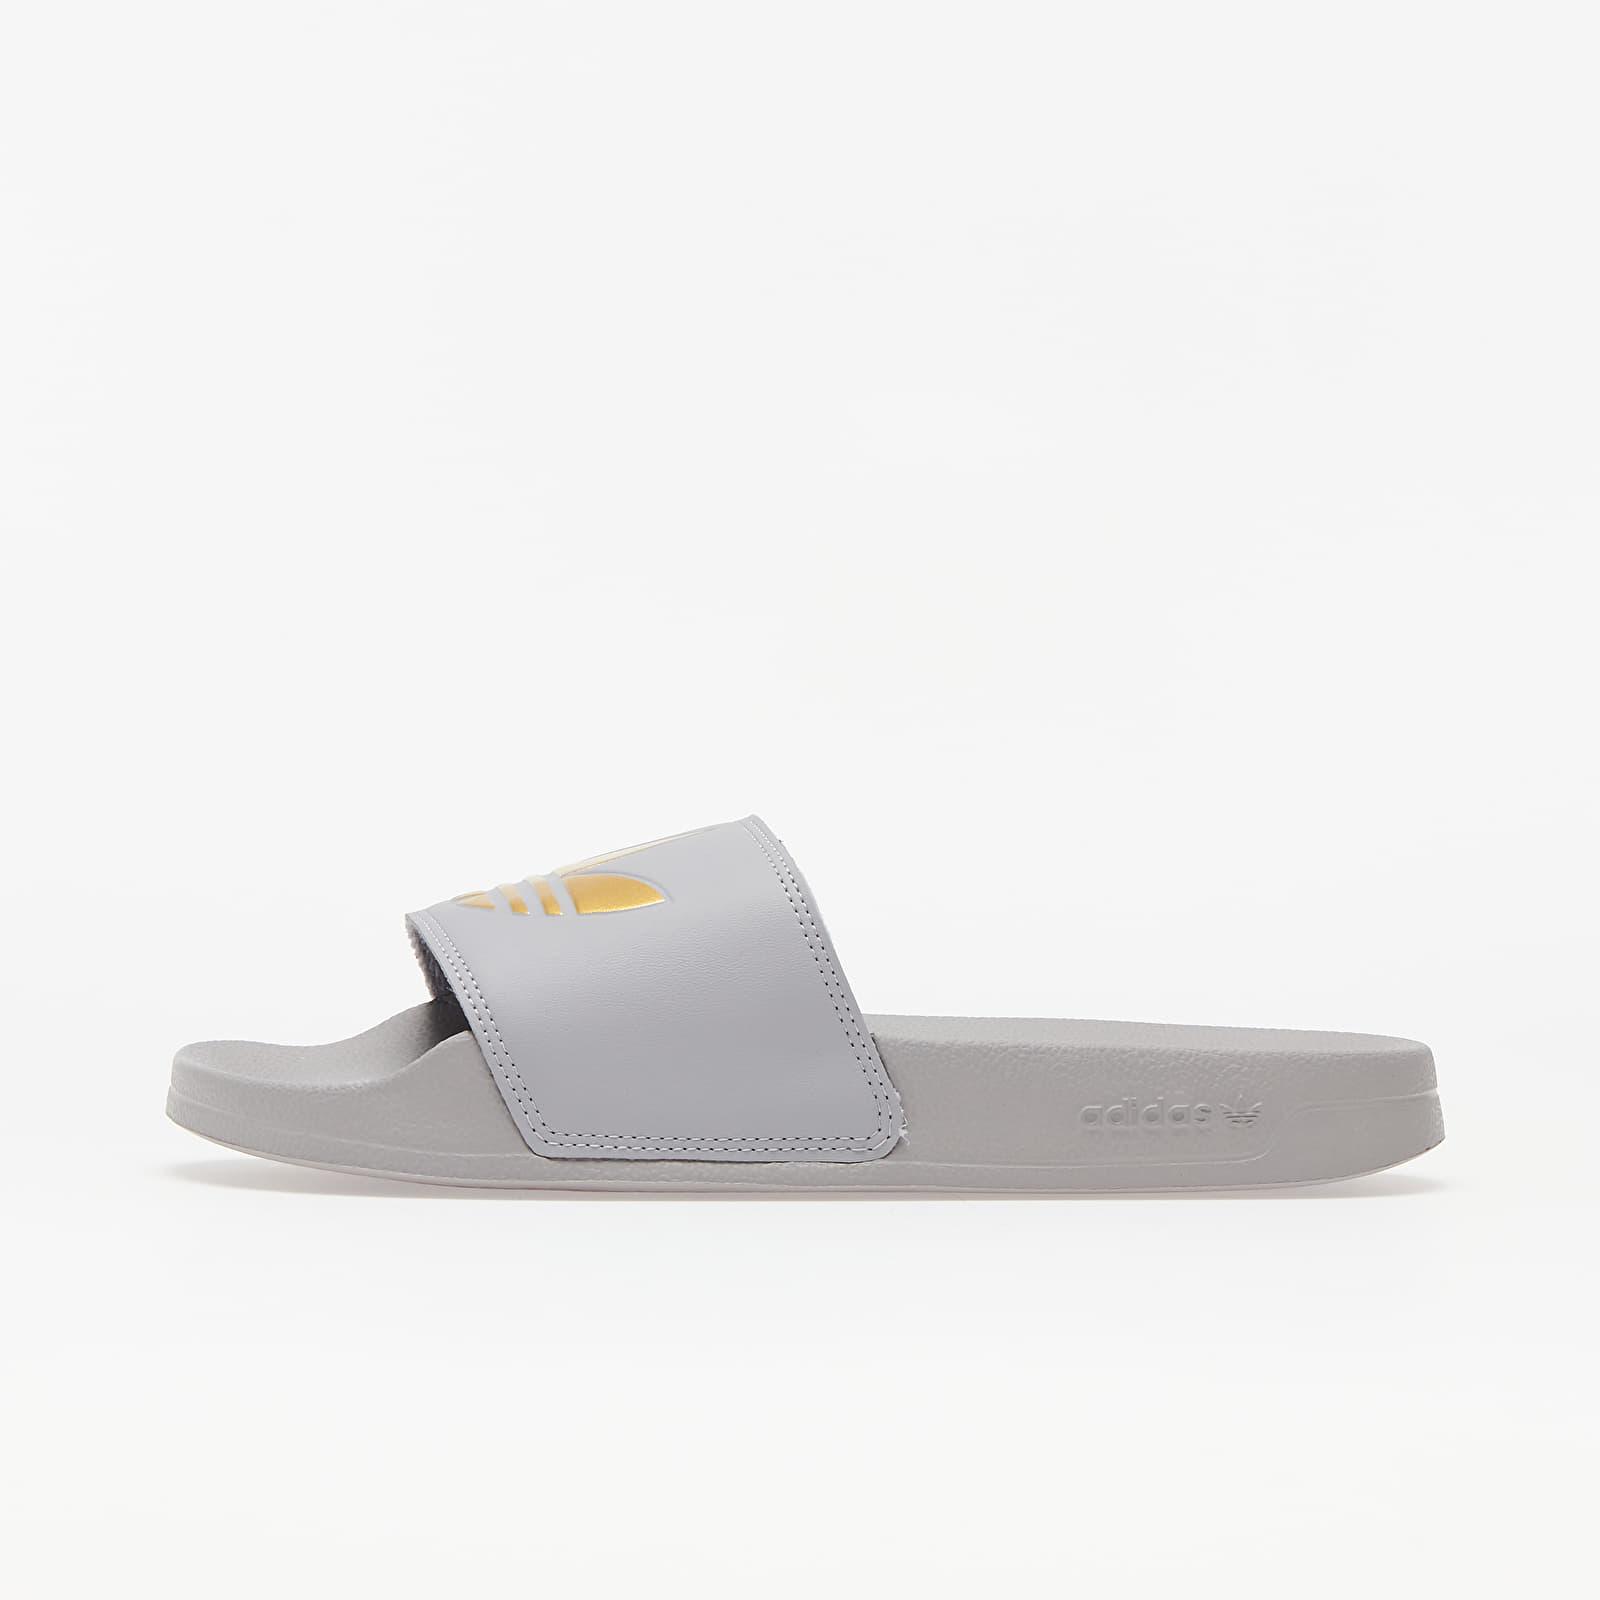 adidas Adilette Lite W Glow Grey/ Gold Metalic/ Glow Grey EUR 39